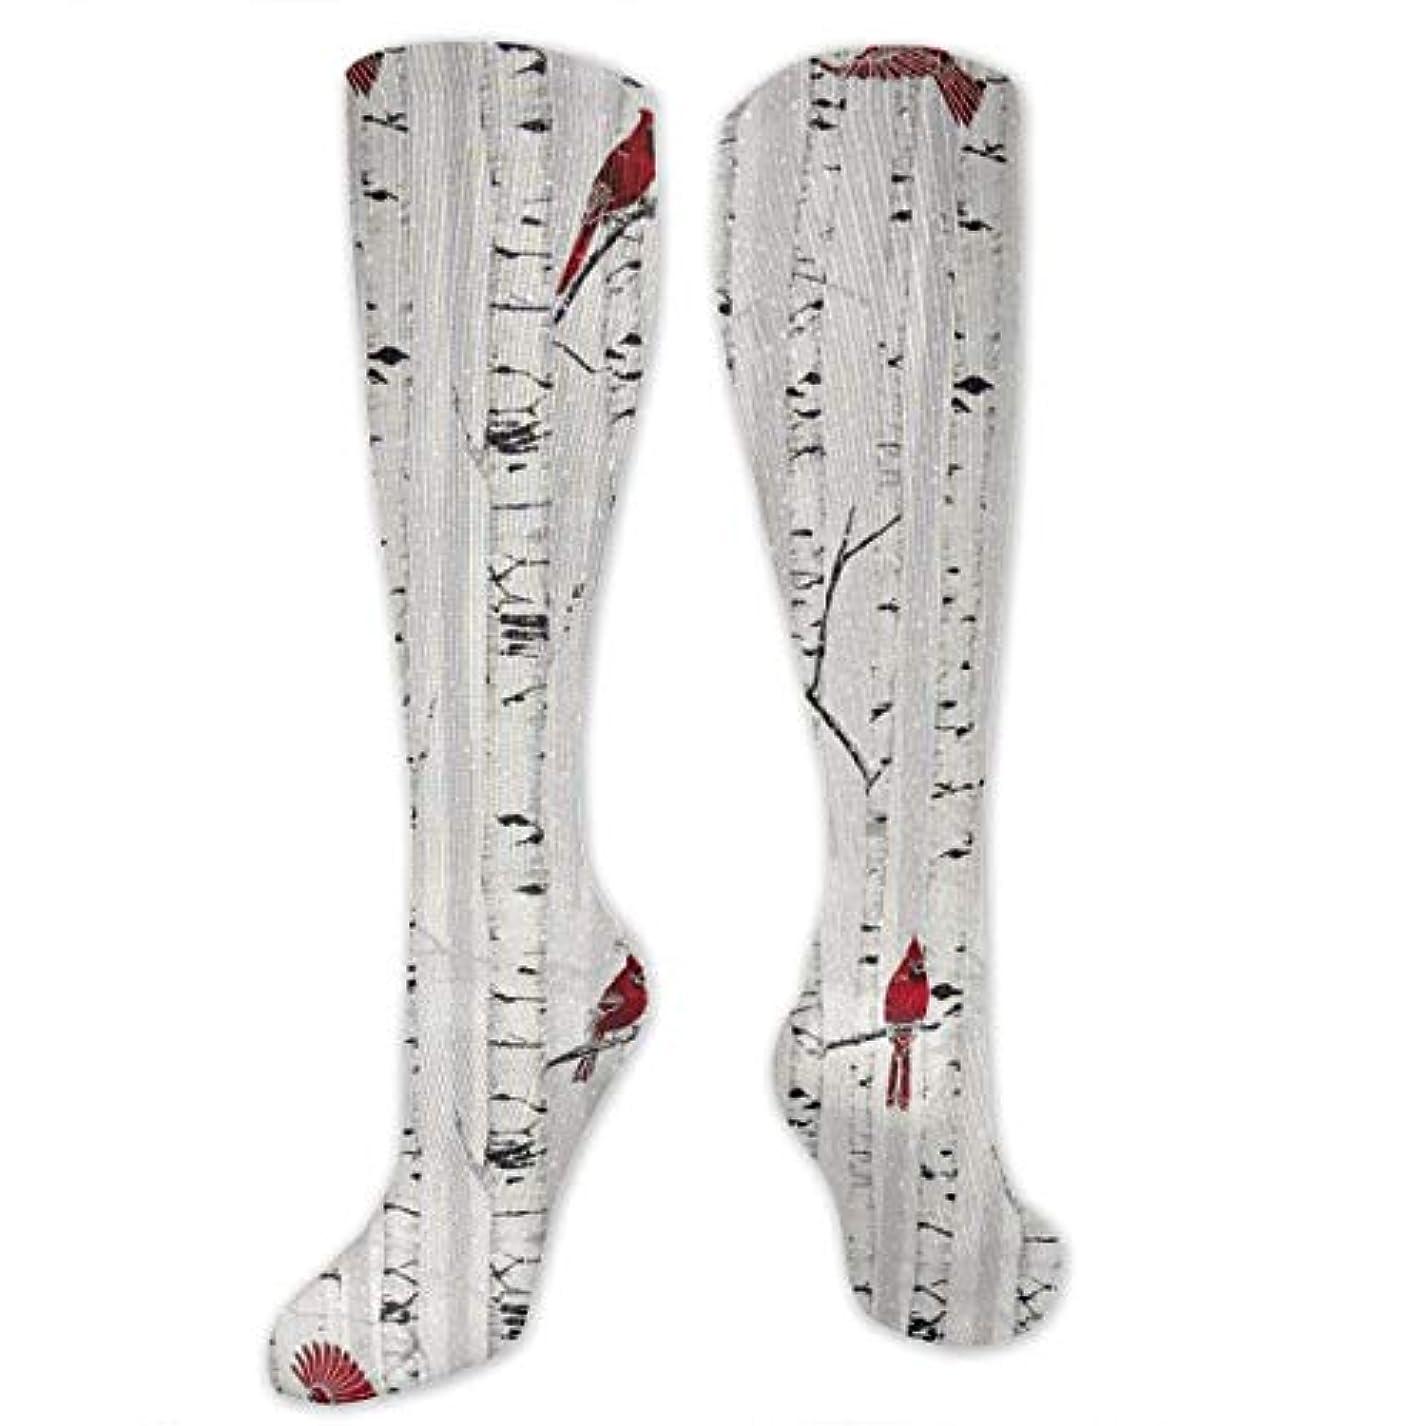 頂点巨人毛細血管靴下,ストッキング,野生のジョーカー,実際,秋の本質,冬必須,サマーウェア&RBXAA Woodsy Winter Cardinals Socks Women's Winter Cotton Long Tube Socks...